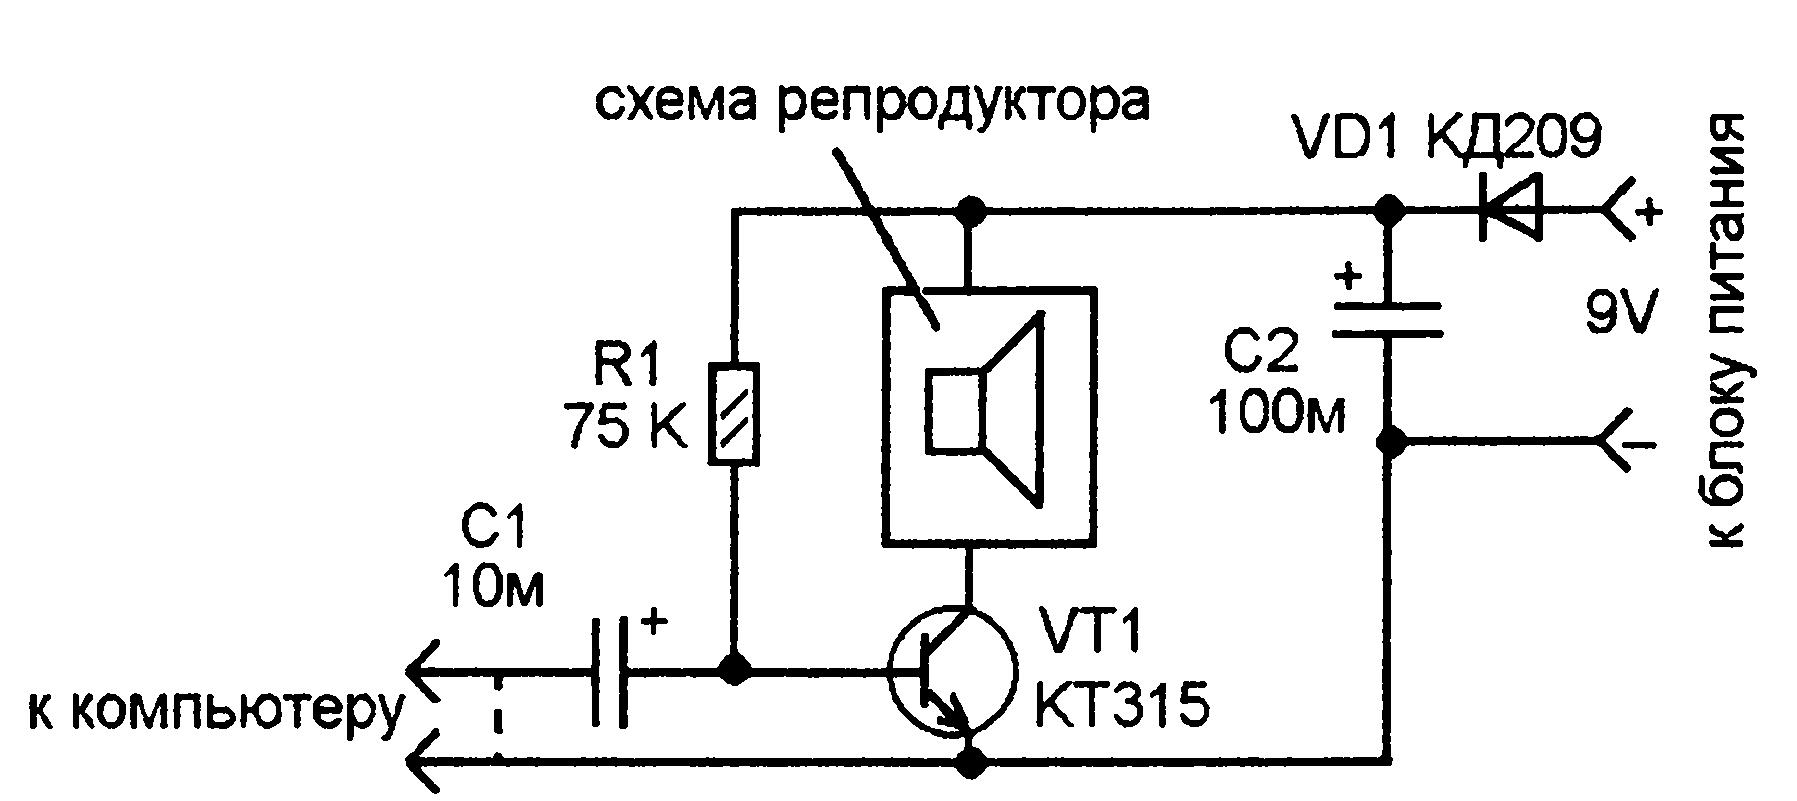 Схема колонок для компьютера